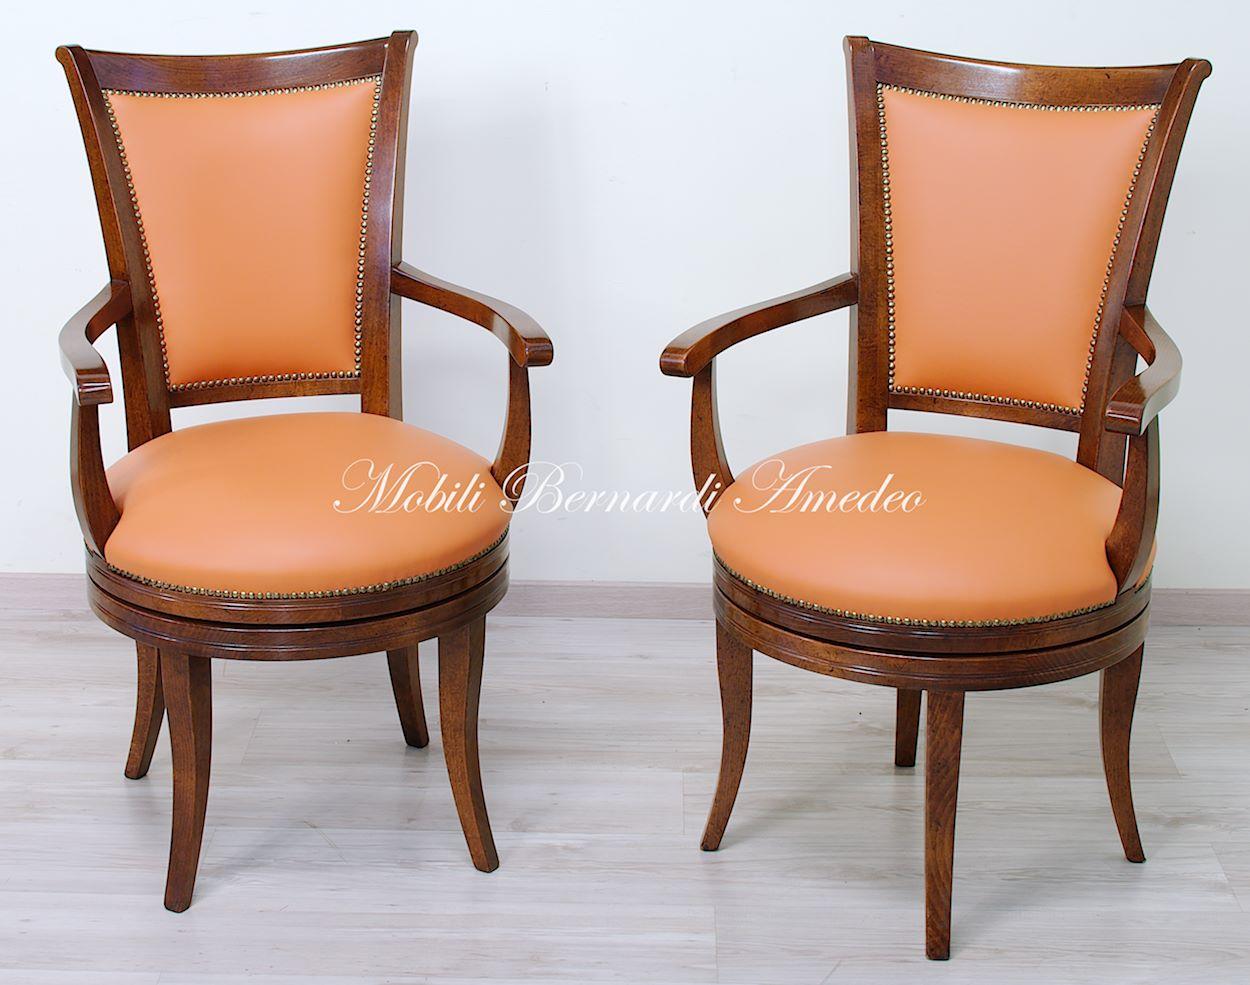 Poltrone girevoli sedie poltroncine divanetti for Poltrone girevoli